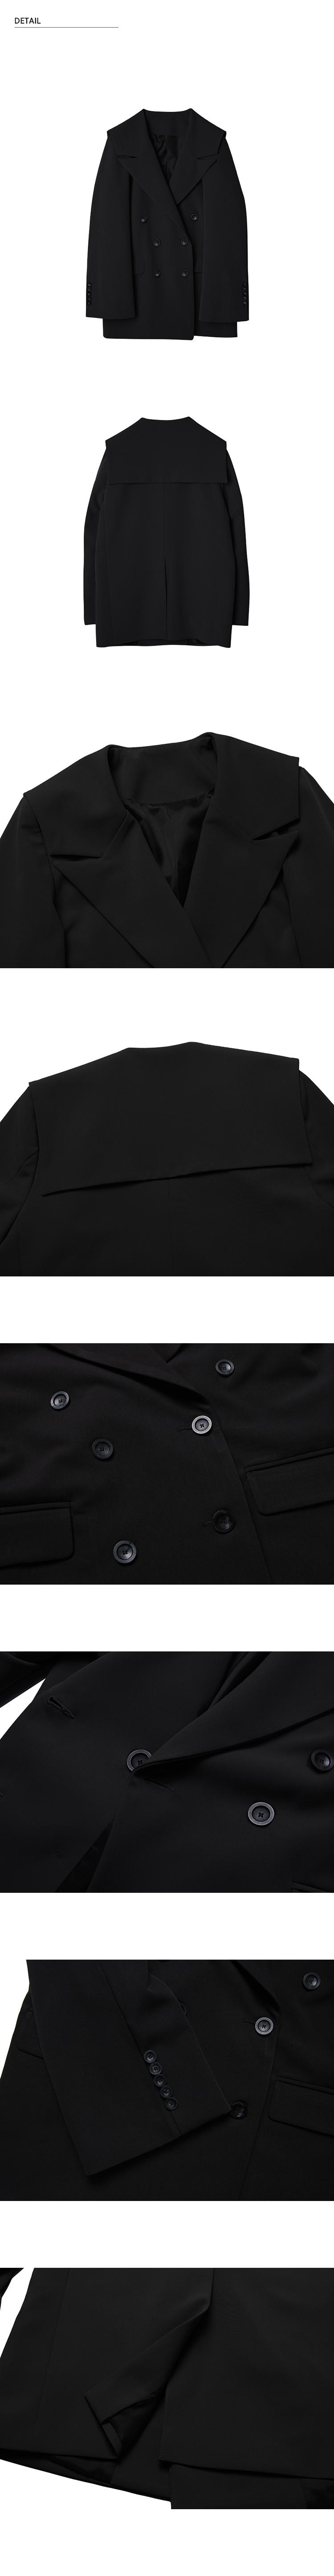 몬츠(MONTS) 881 sailor jacket (black)